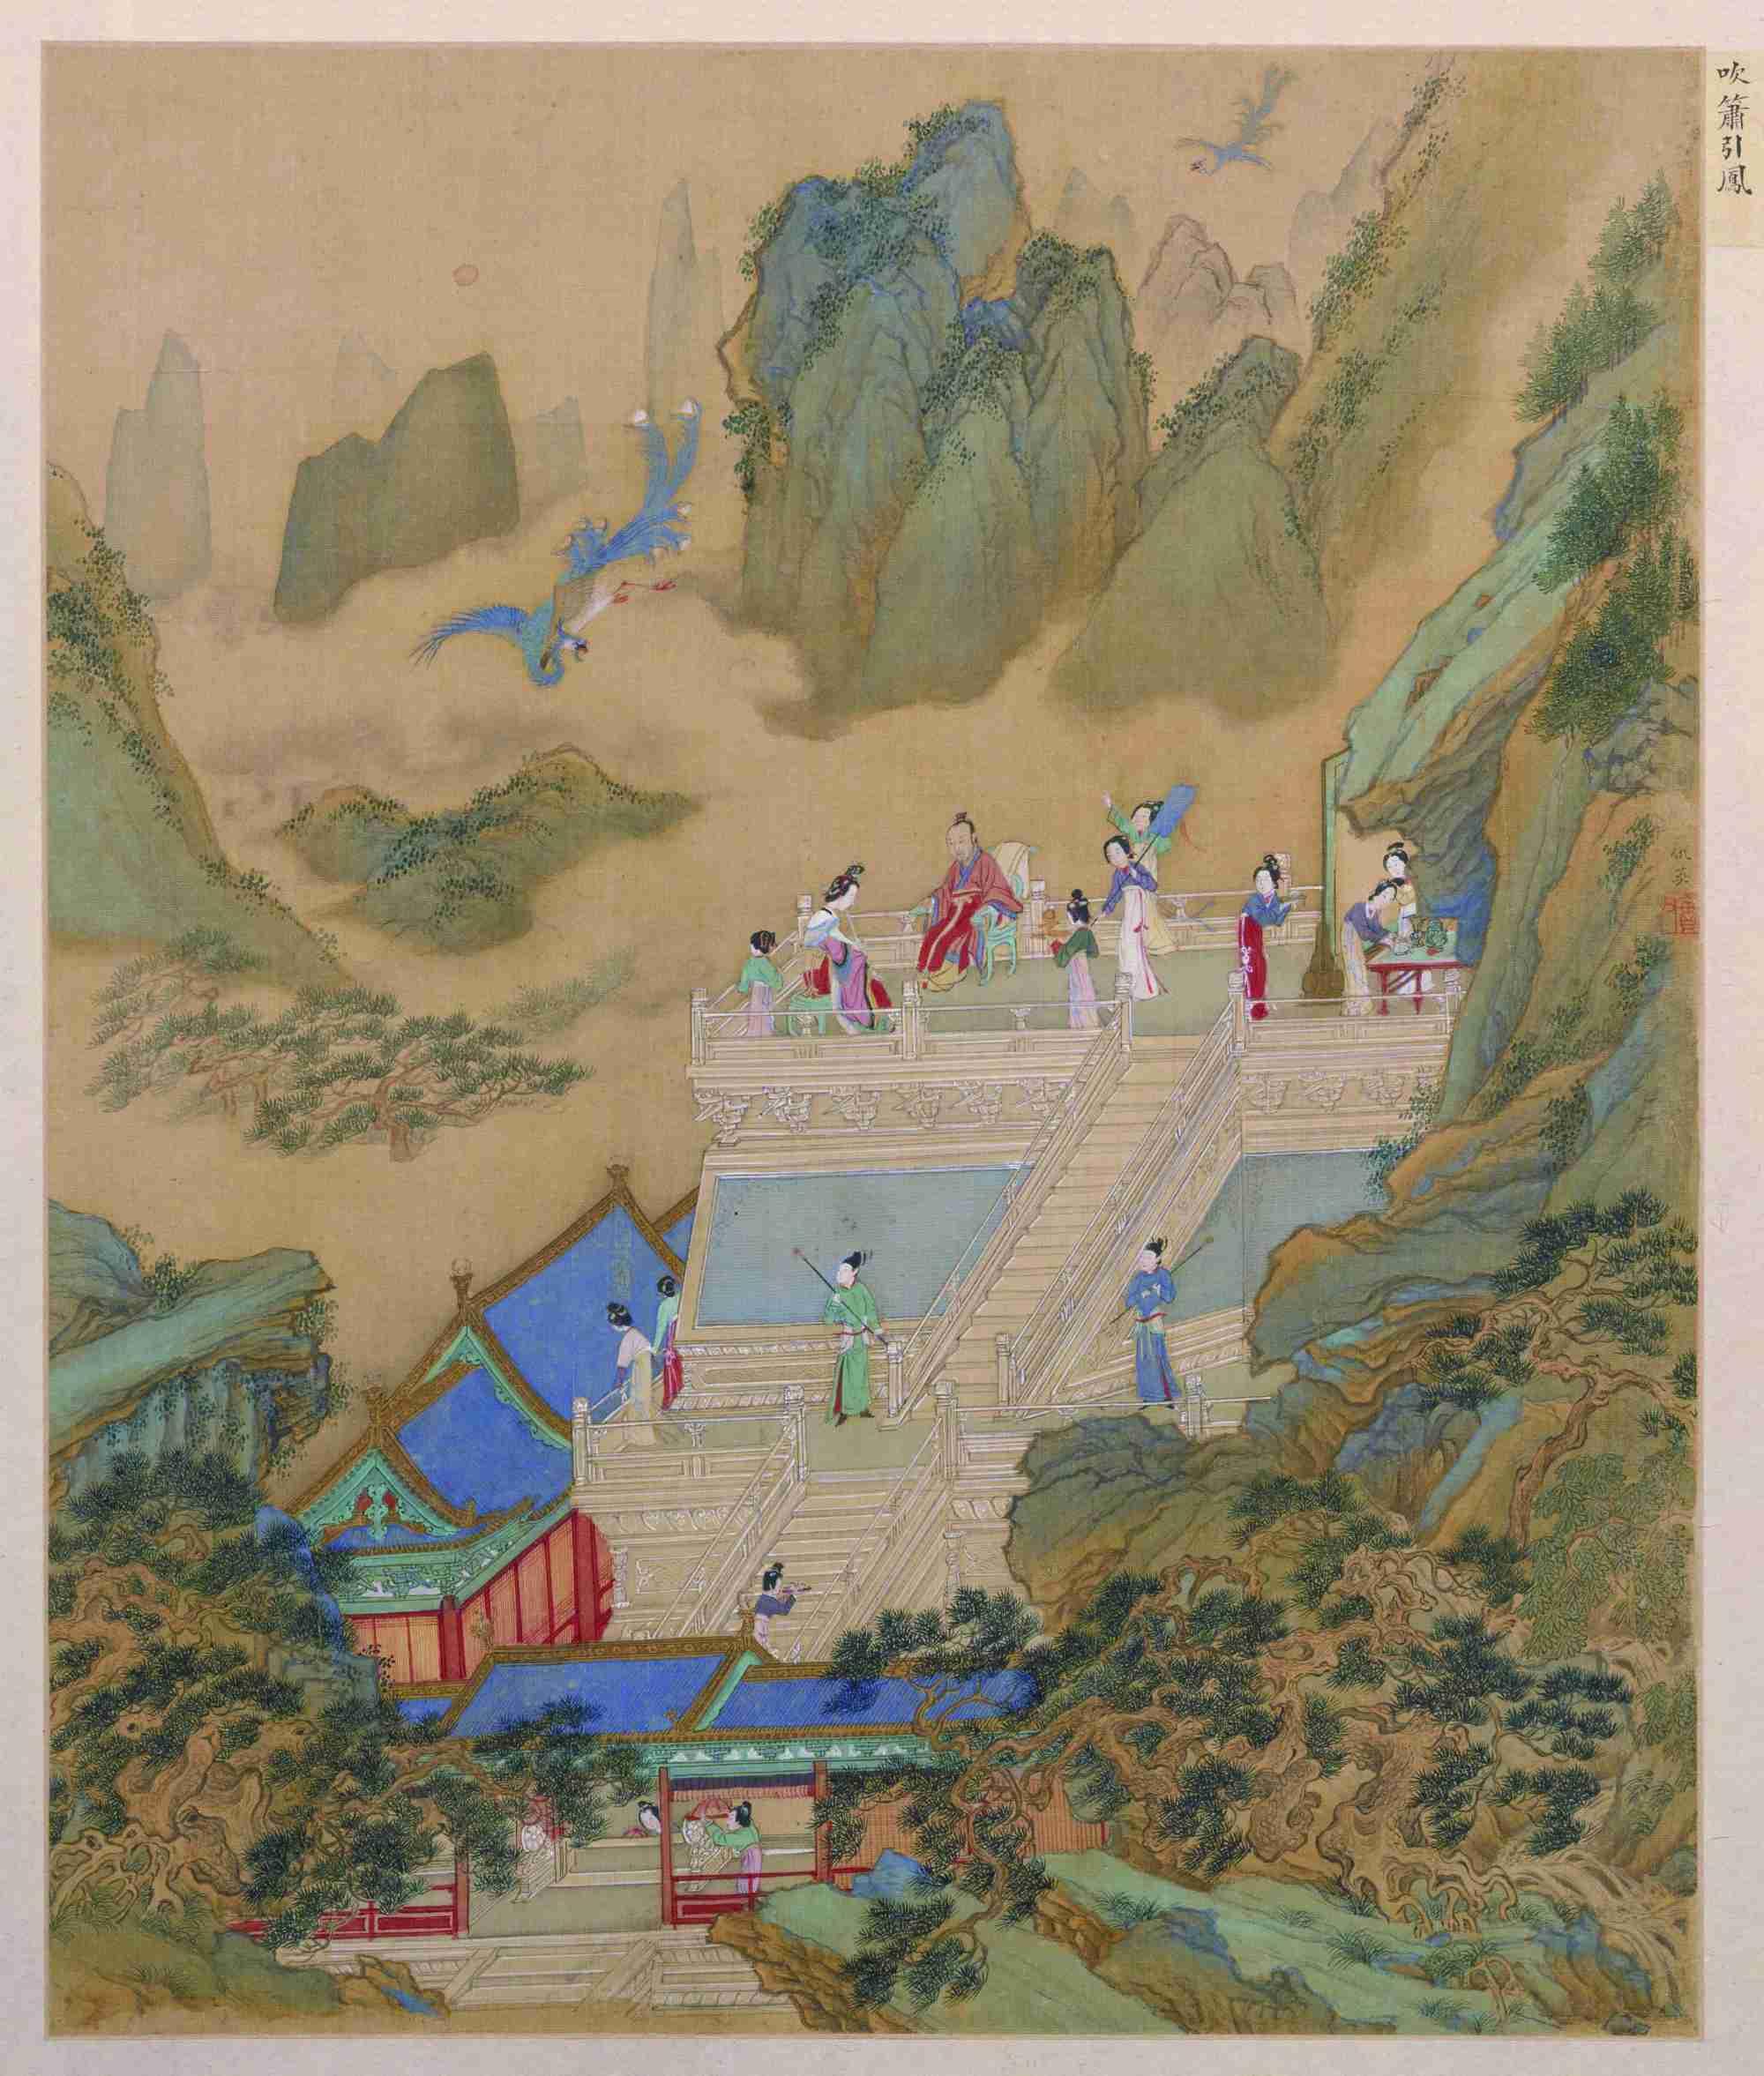 明仇英《人物故事圖冊》之《吹簫引鳳圖》,絹本設色,台北故宮博物院藏。(公有領域)